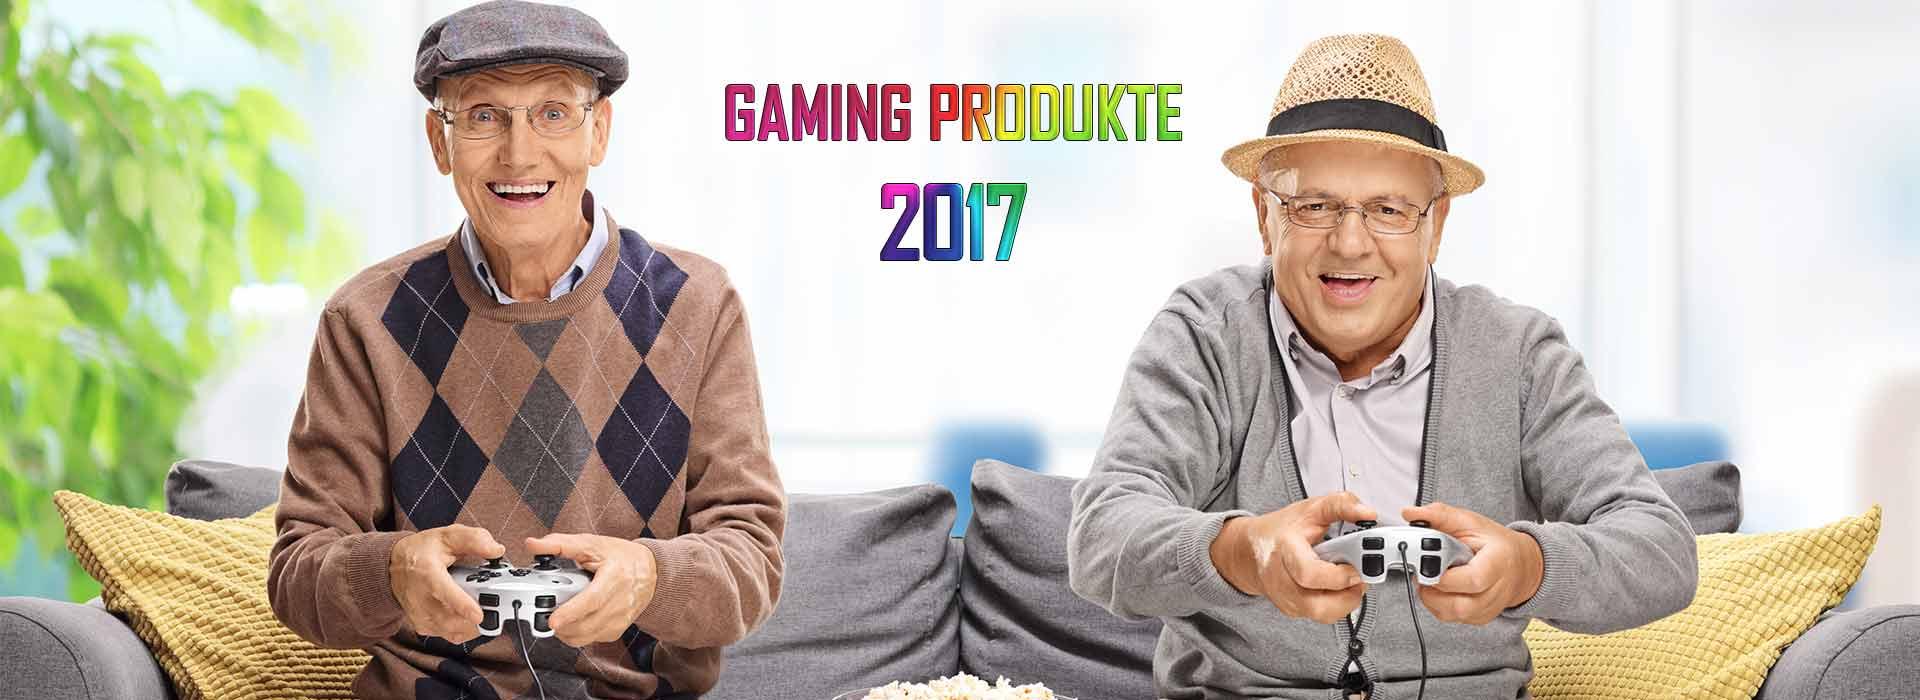 Die besten Gaming Artikel 2017 im Vergleich